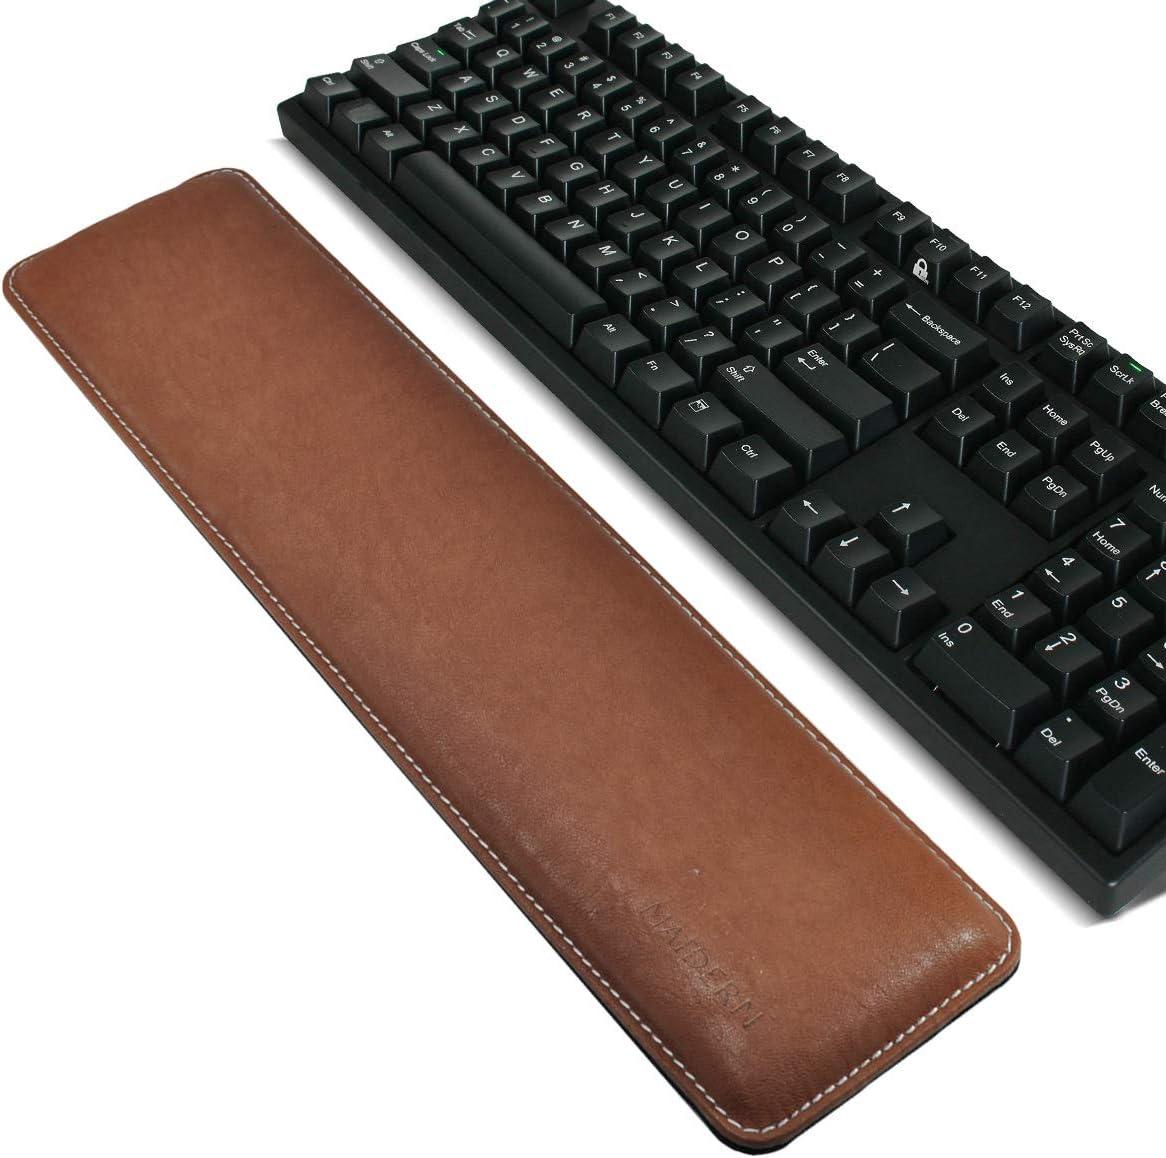 Reposamuñecas para Teclado, Ergonómico Cojín de Muñeca Apoyo con Espuma de para Ordenador/Notebook/Laptop, 41.5x9.5cm Cuero PU Marrón